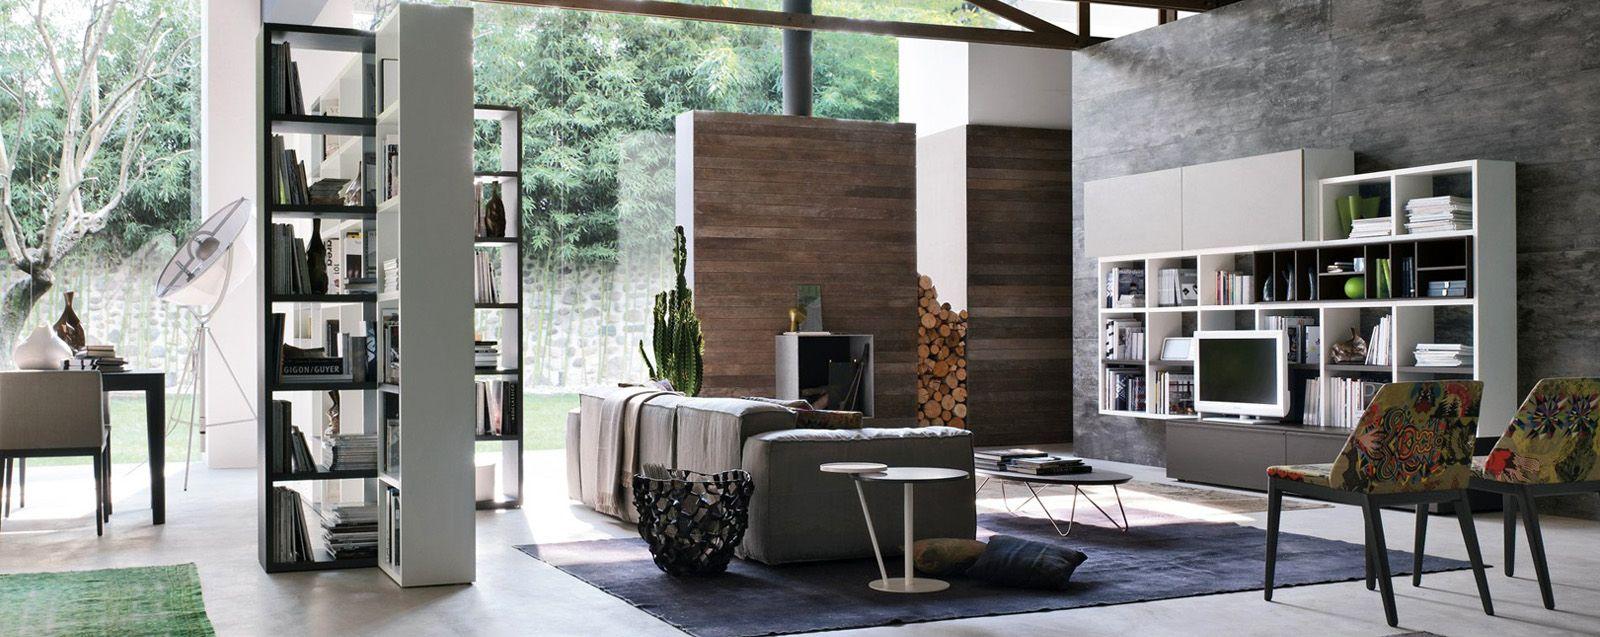 Arredamento mobili stile classico stile moderno for Mobili stile contemporaneo moderno